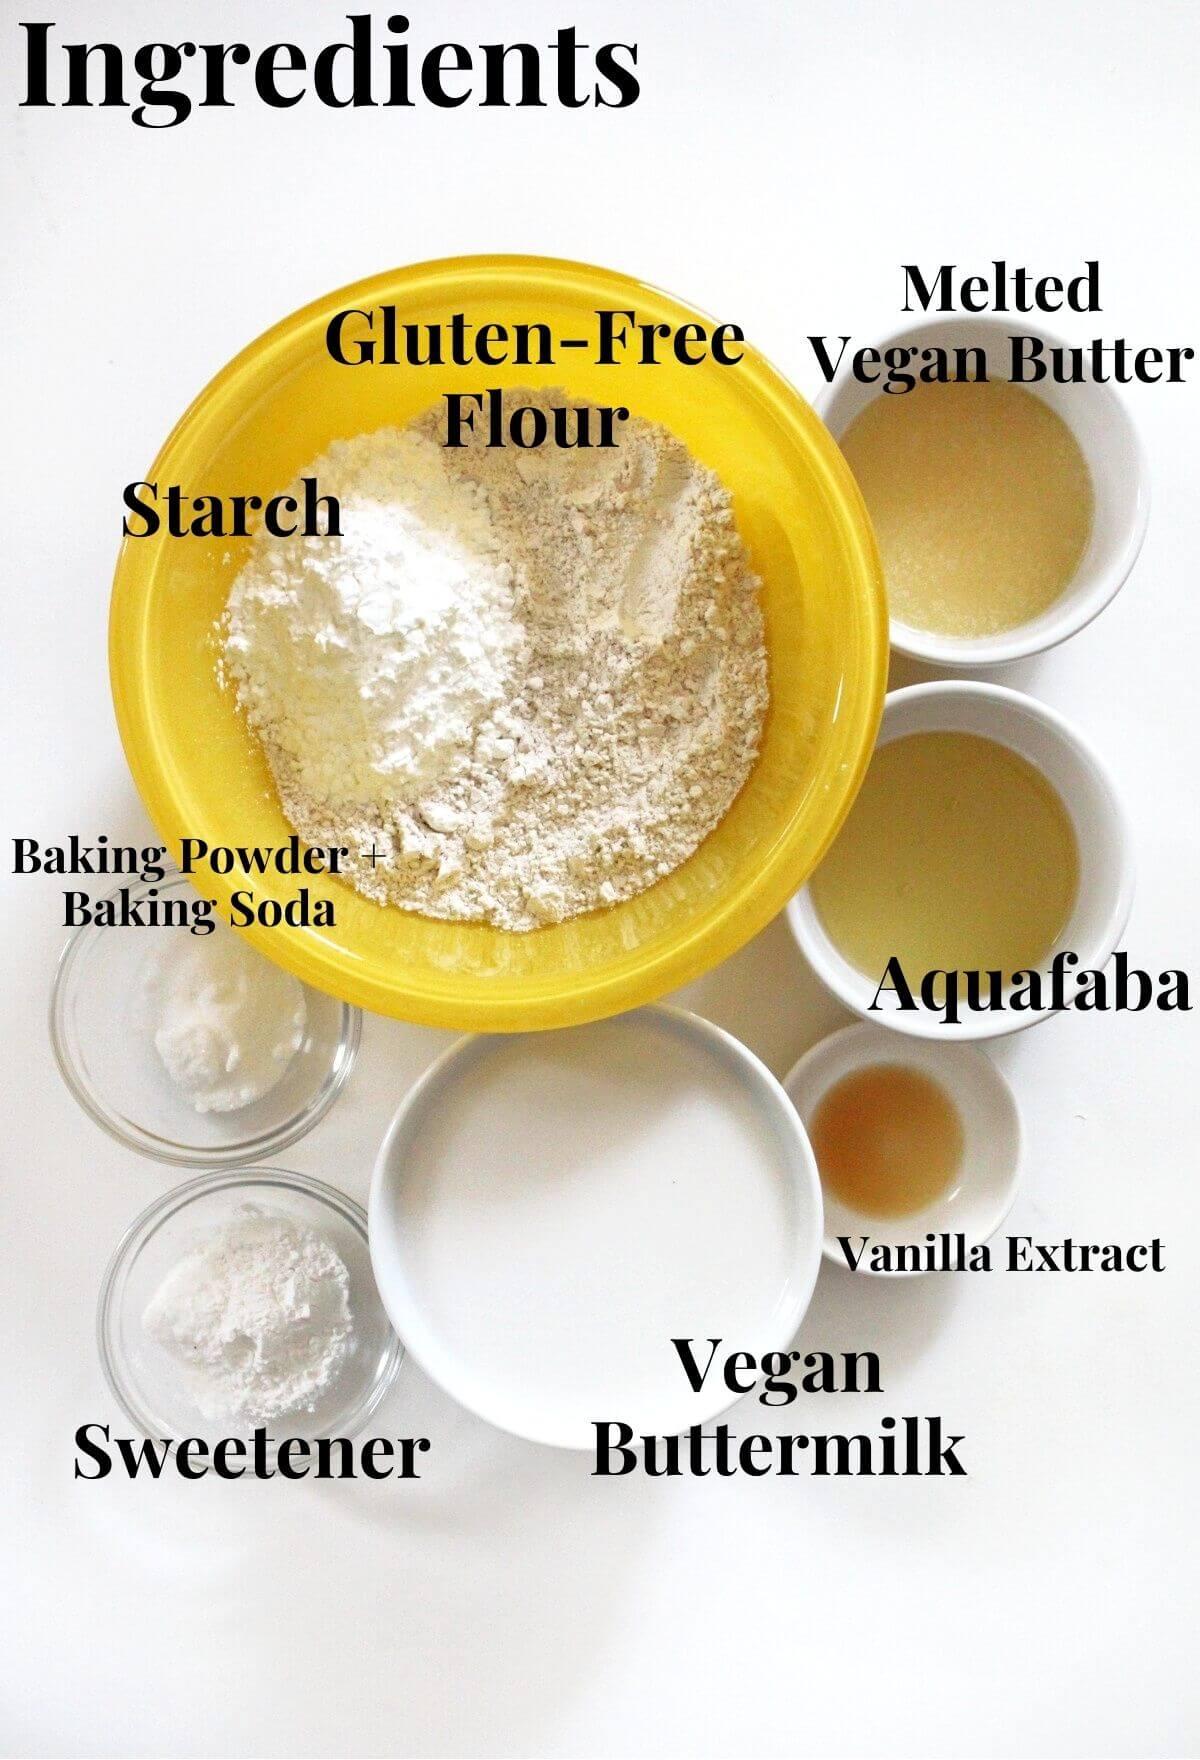 gluten-free and vegan buttermilk waffle ingredients